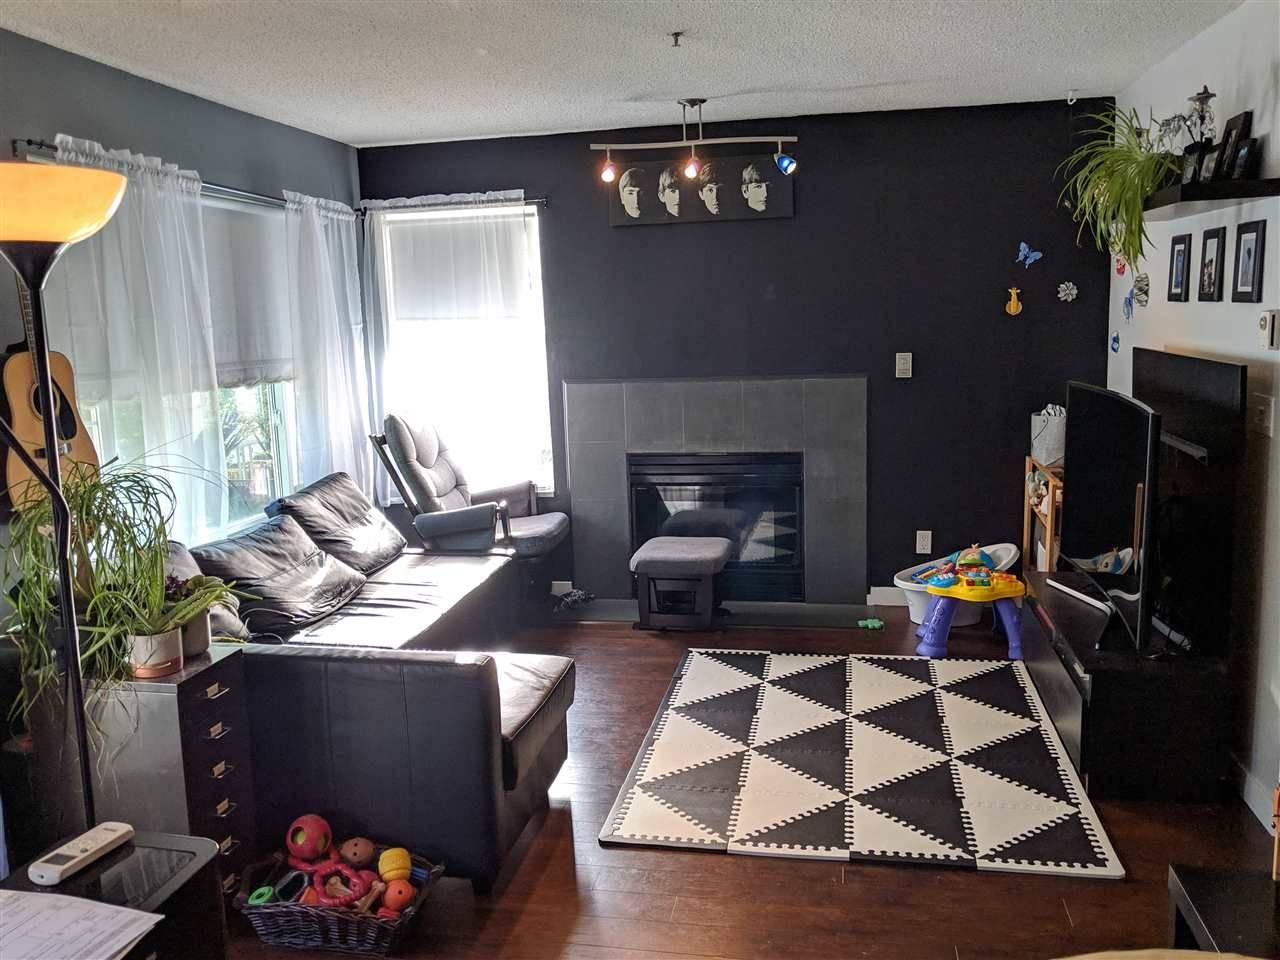 Buliding: 1433 East 1st Avenue, Vancouver, BC